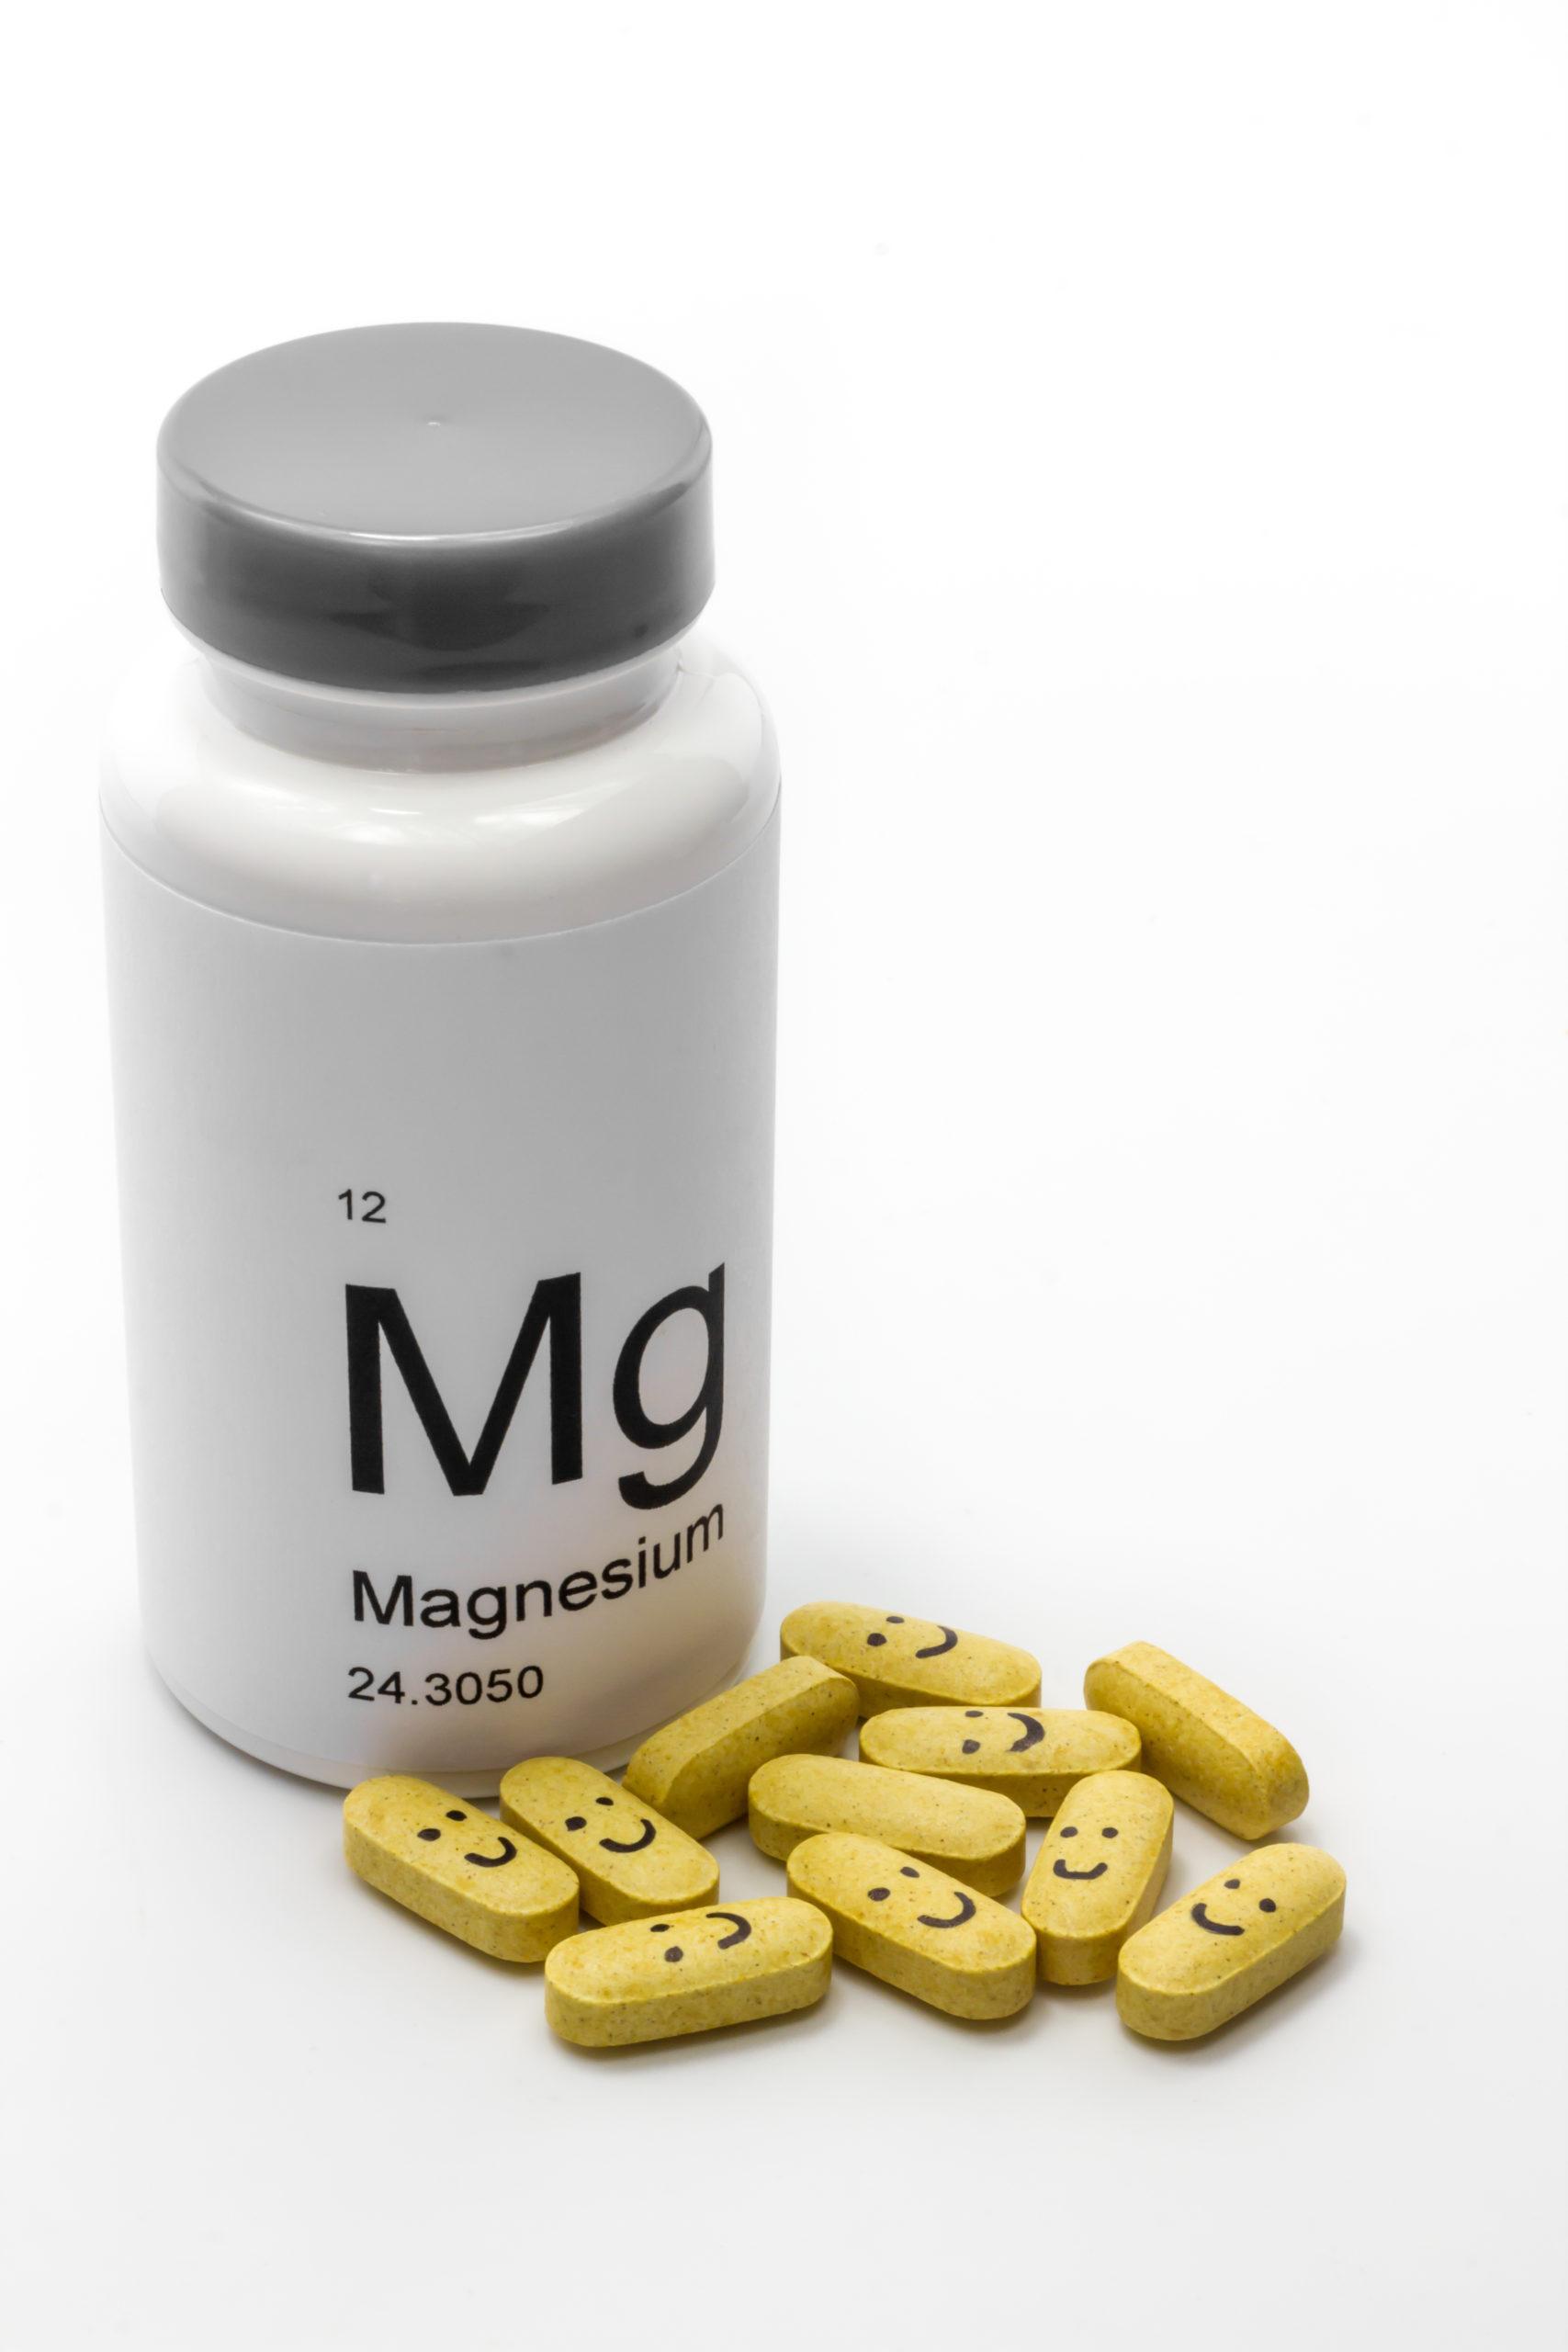 Magnesium,Vitamins